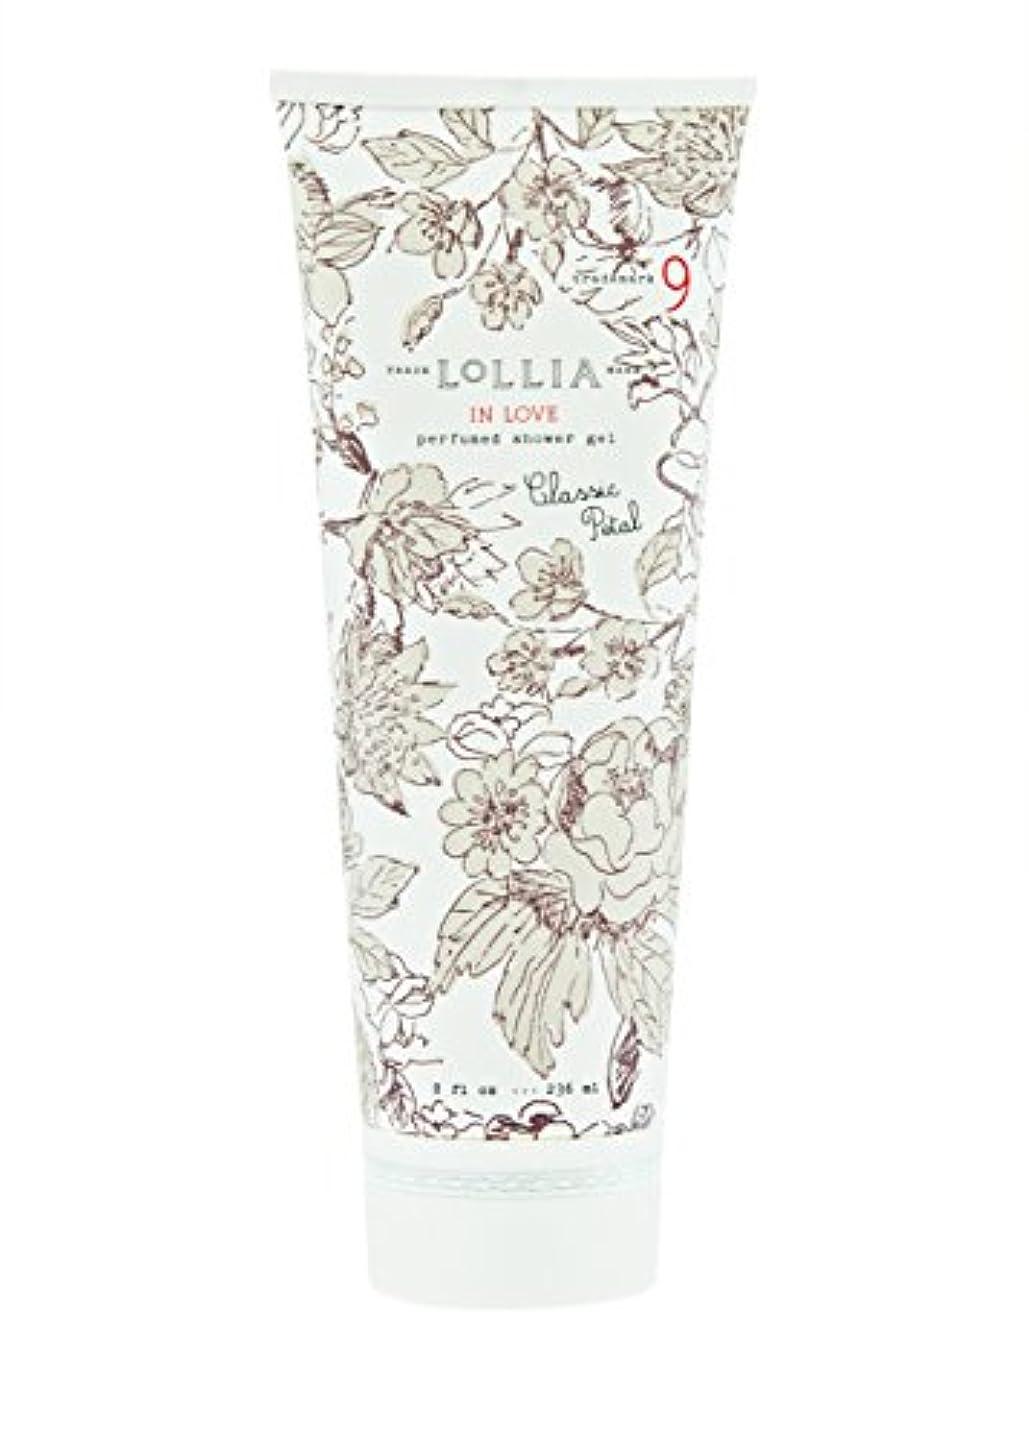 熱意逃げる権限ロリア(LoLLIA) パフュームドシャワージェル InLove 236ml(全身用洗浄料 ボディーソープ アップルブロッサム、ジャスミン、ローズのフルーティで爽やかな香り)